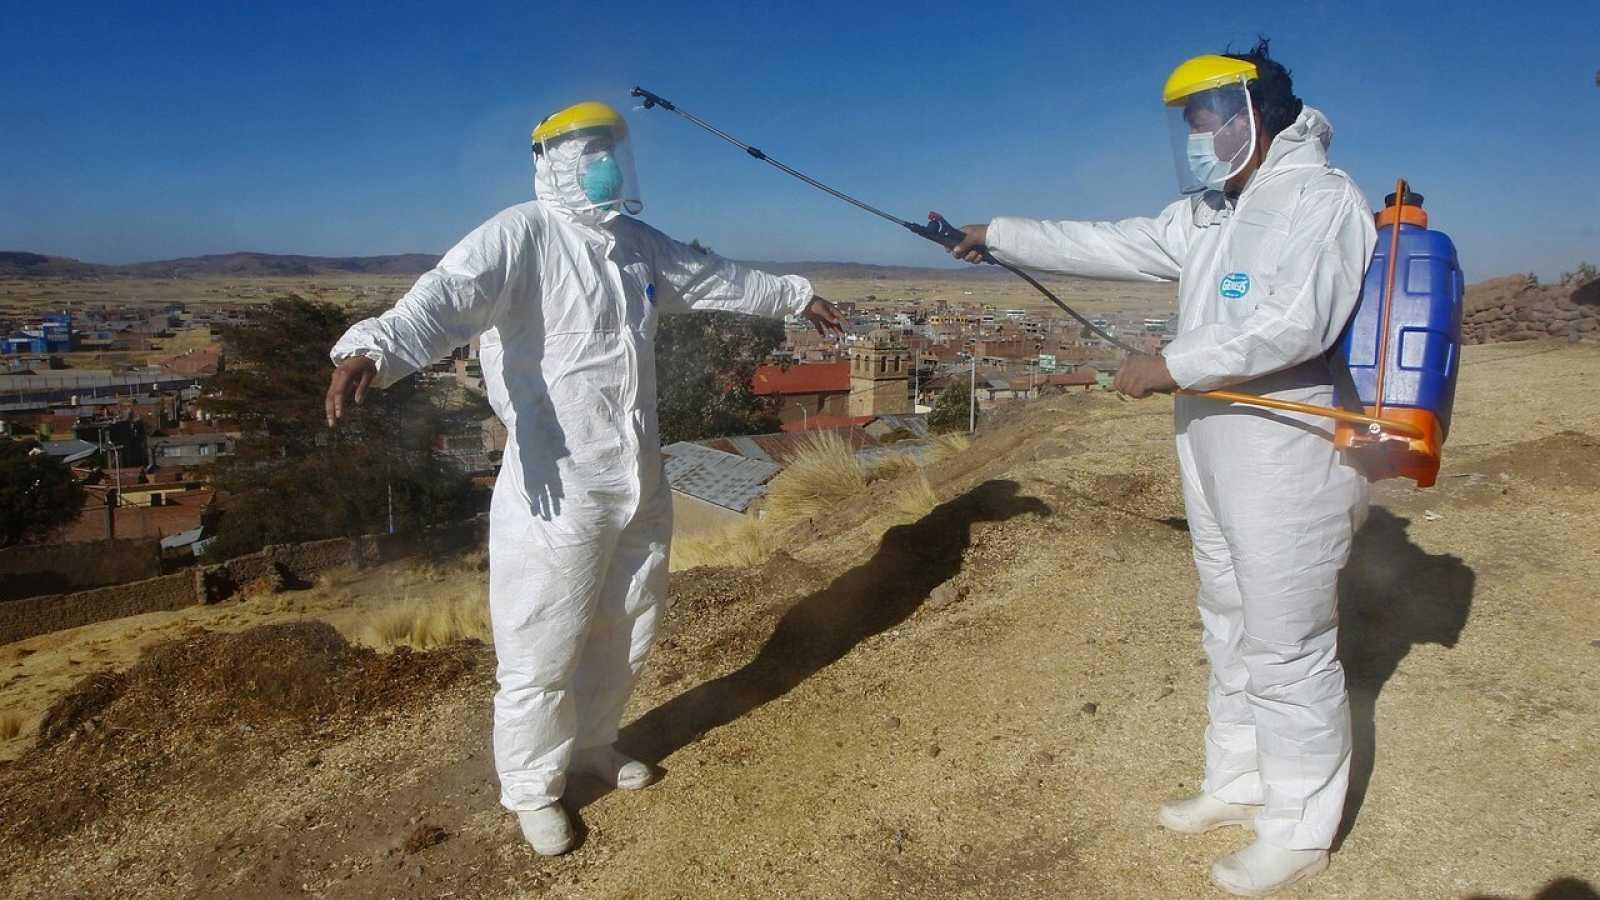 Empleados de la funeraria se preparan para el entierro de un fallecido con coronavirus en Acora, Perú. Carlos MAMANI / AFP.